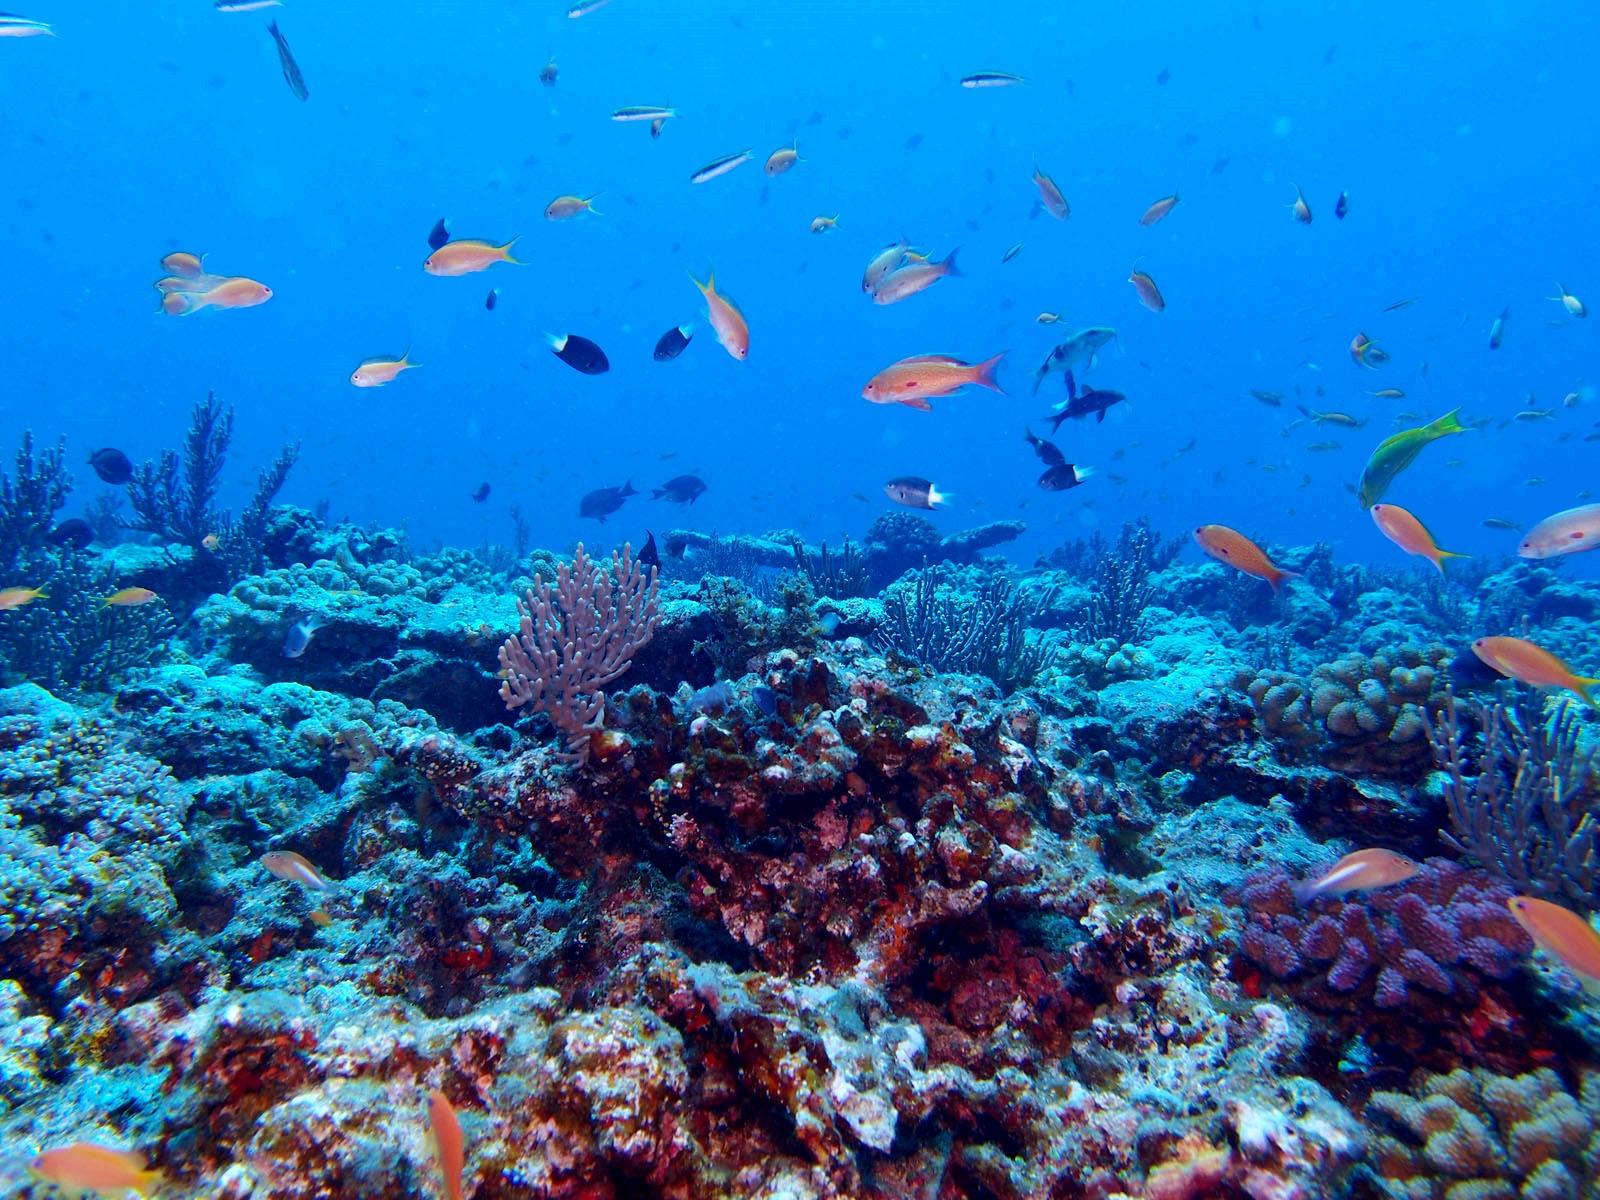 沖繩-沖繩潛水-沖繩浮潛-久米島-推薦-潛點-Okinawa-scuba-diving-snorkeling